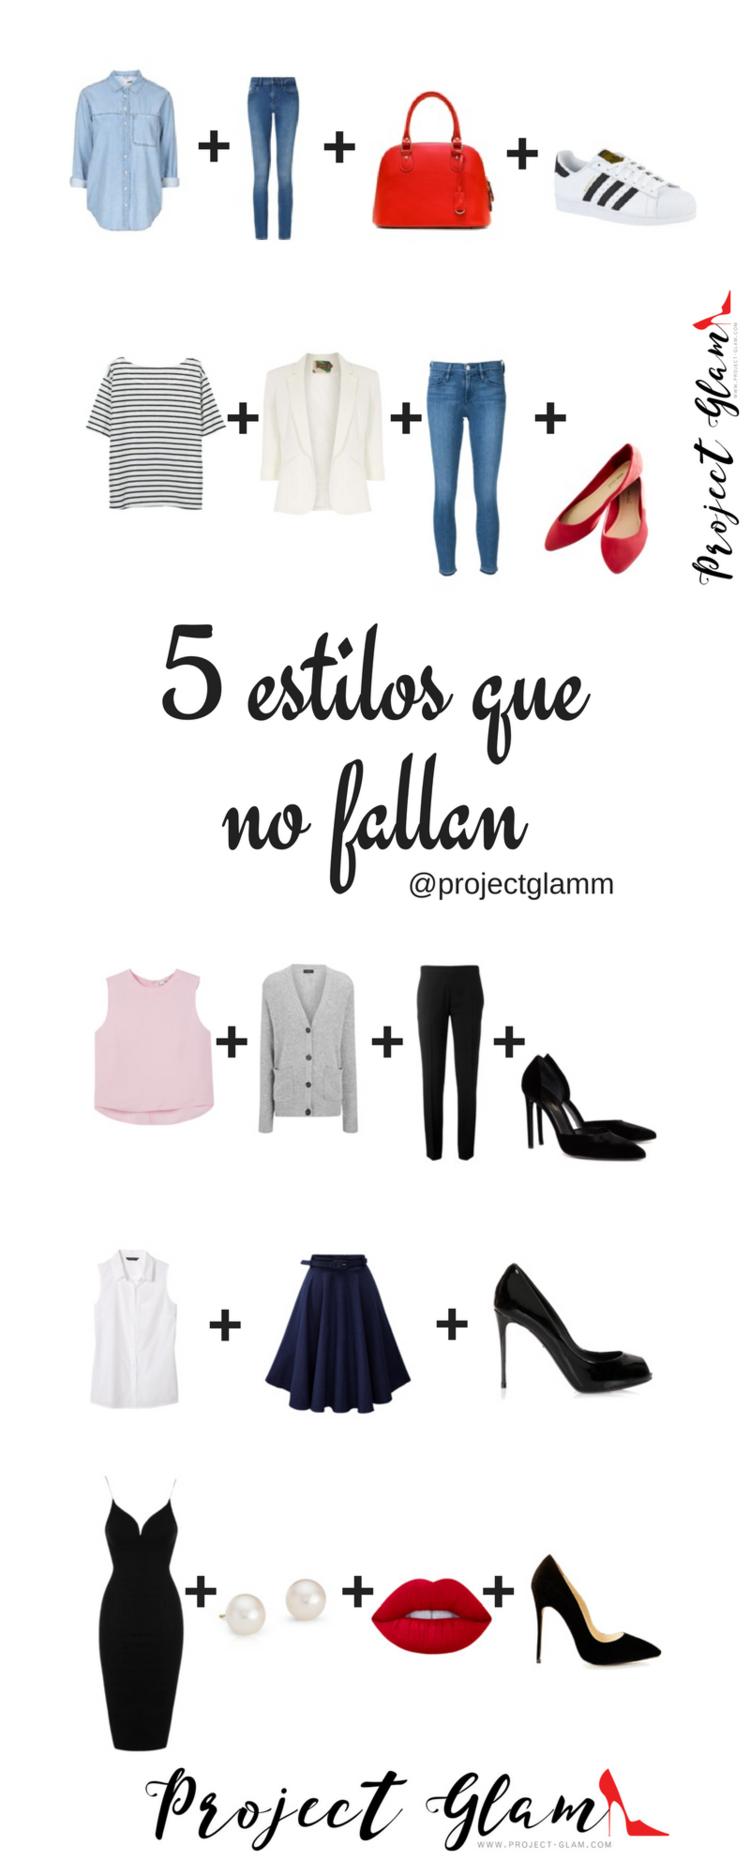 En este post, compartimos unas combinaciones que, a modo de fórmula, resultan exitosas para nosotras las mujeres. Fíjate que utilizamos varias piezas básicas y algunas prendas de tendencia.